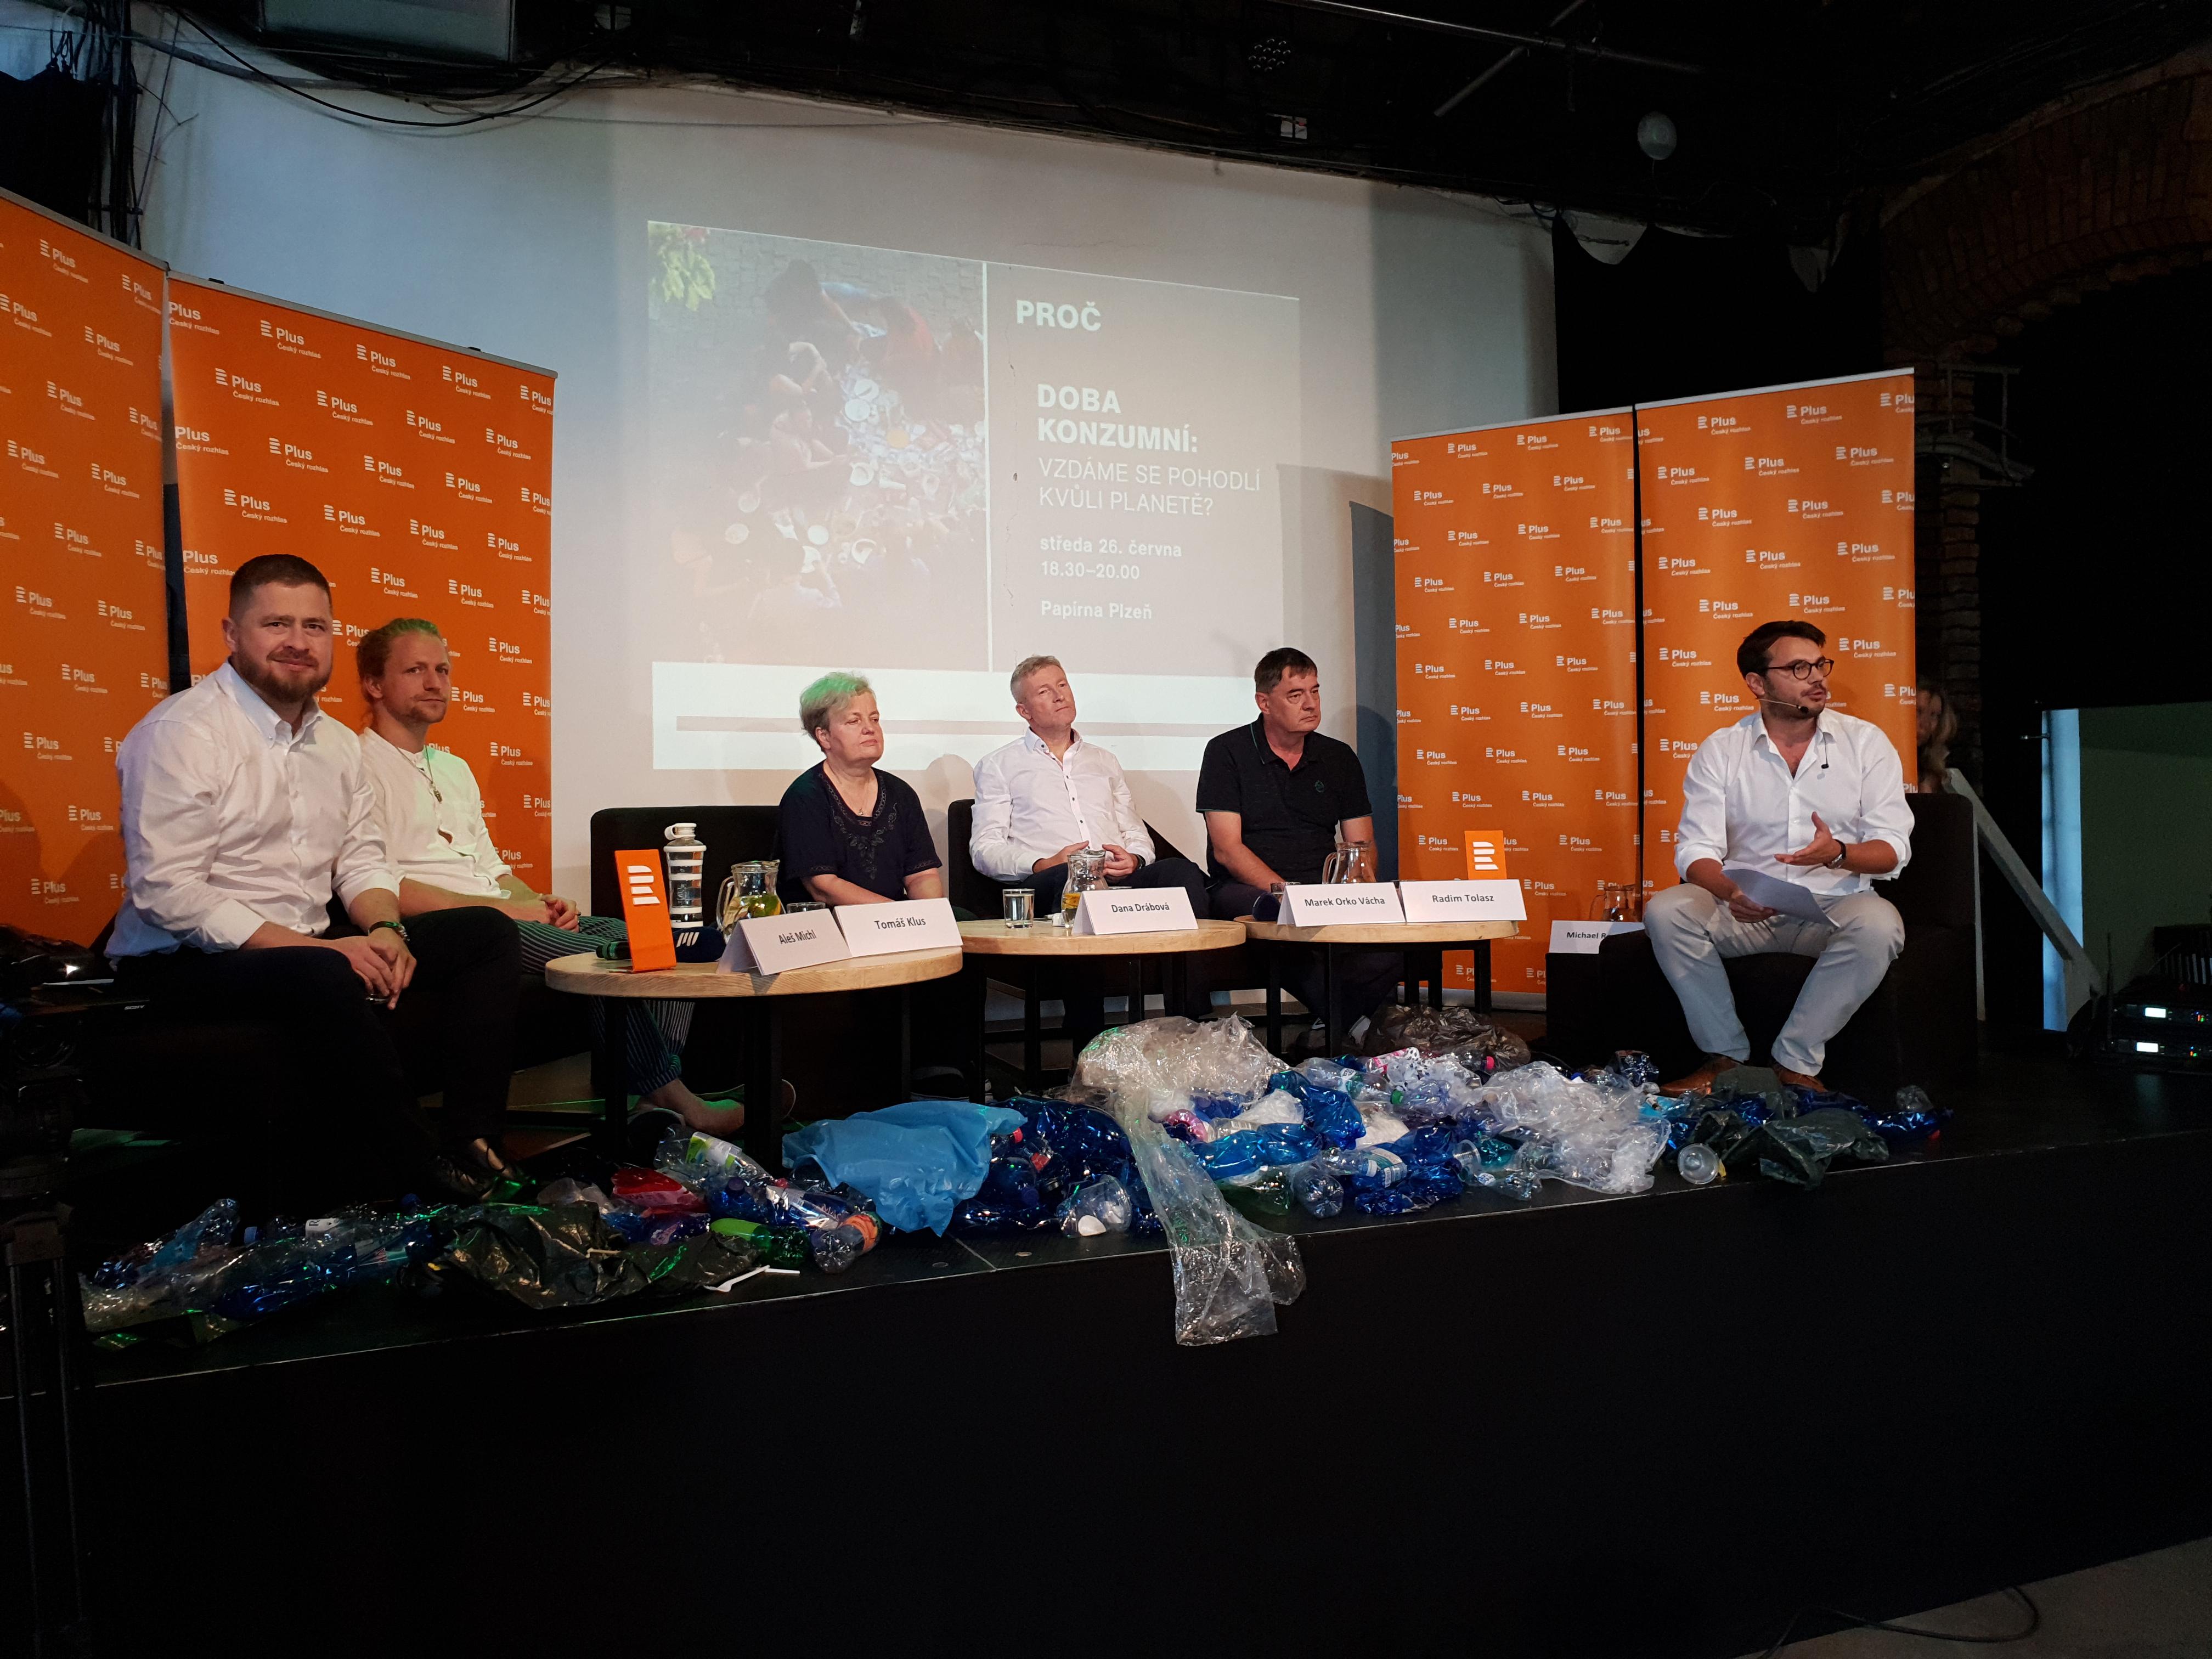 Veřejná debata Plusu v Plzni na téma Doba konzumní: Vzdáme se pohodlí kvůli planetě?